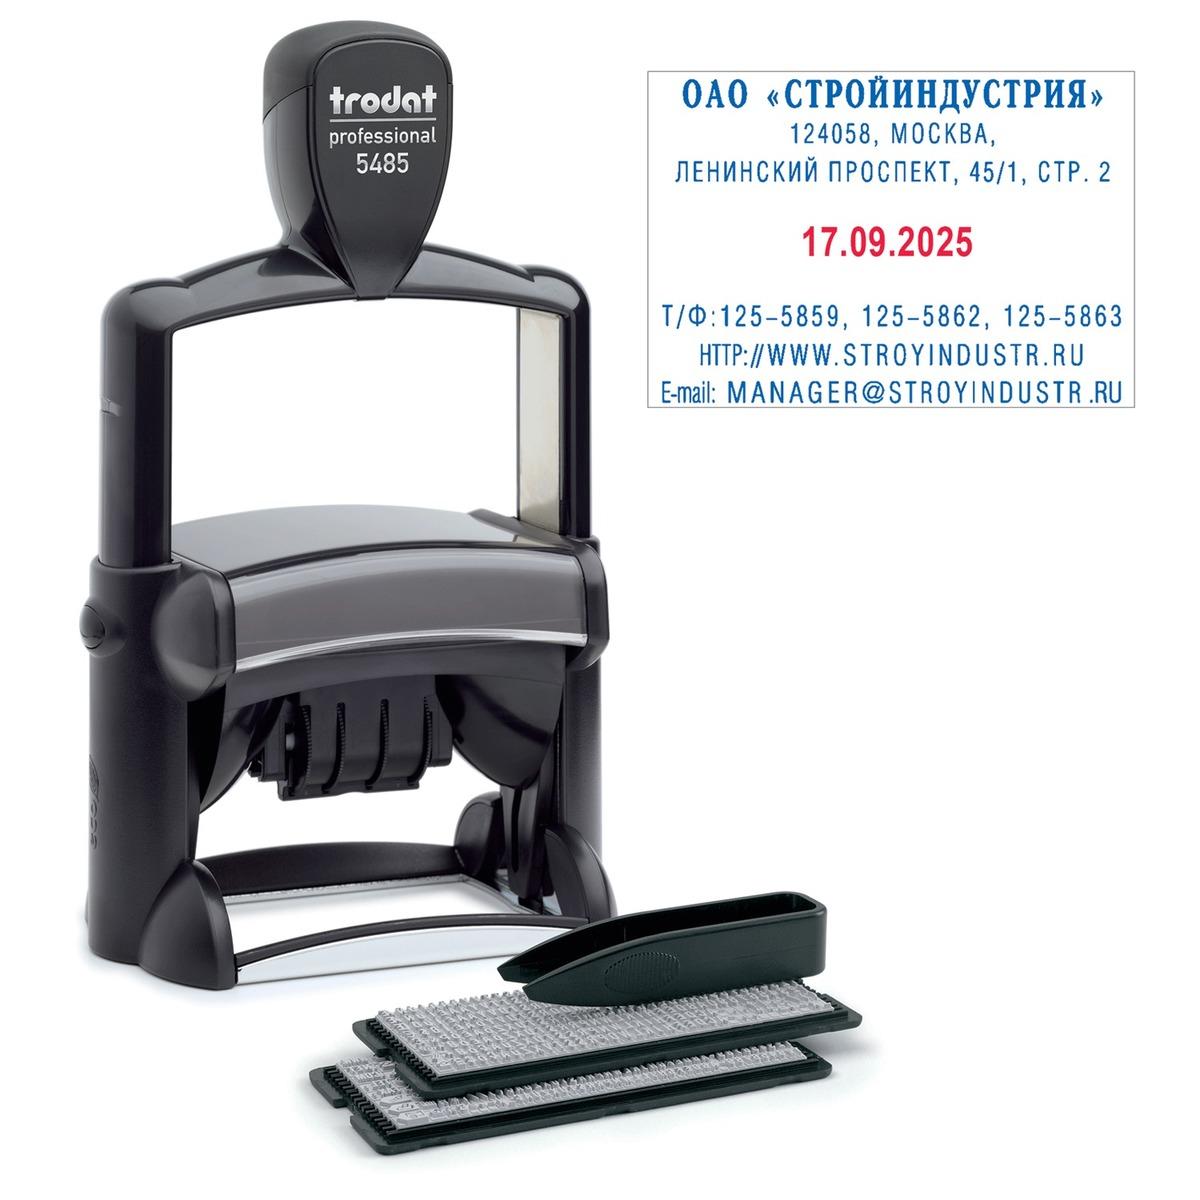 где купить Trodat Датер самонаборный 6 строк + дата 68 х 47 мм по лучшей цене